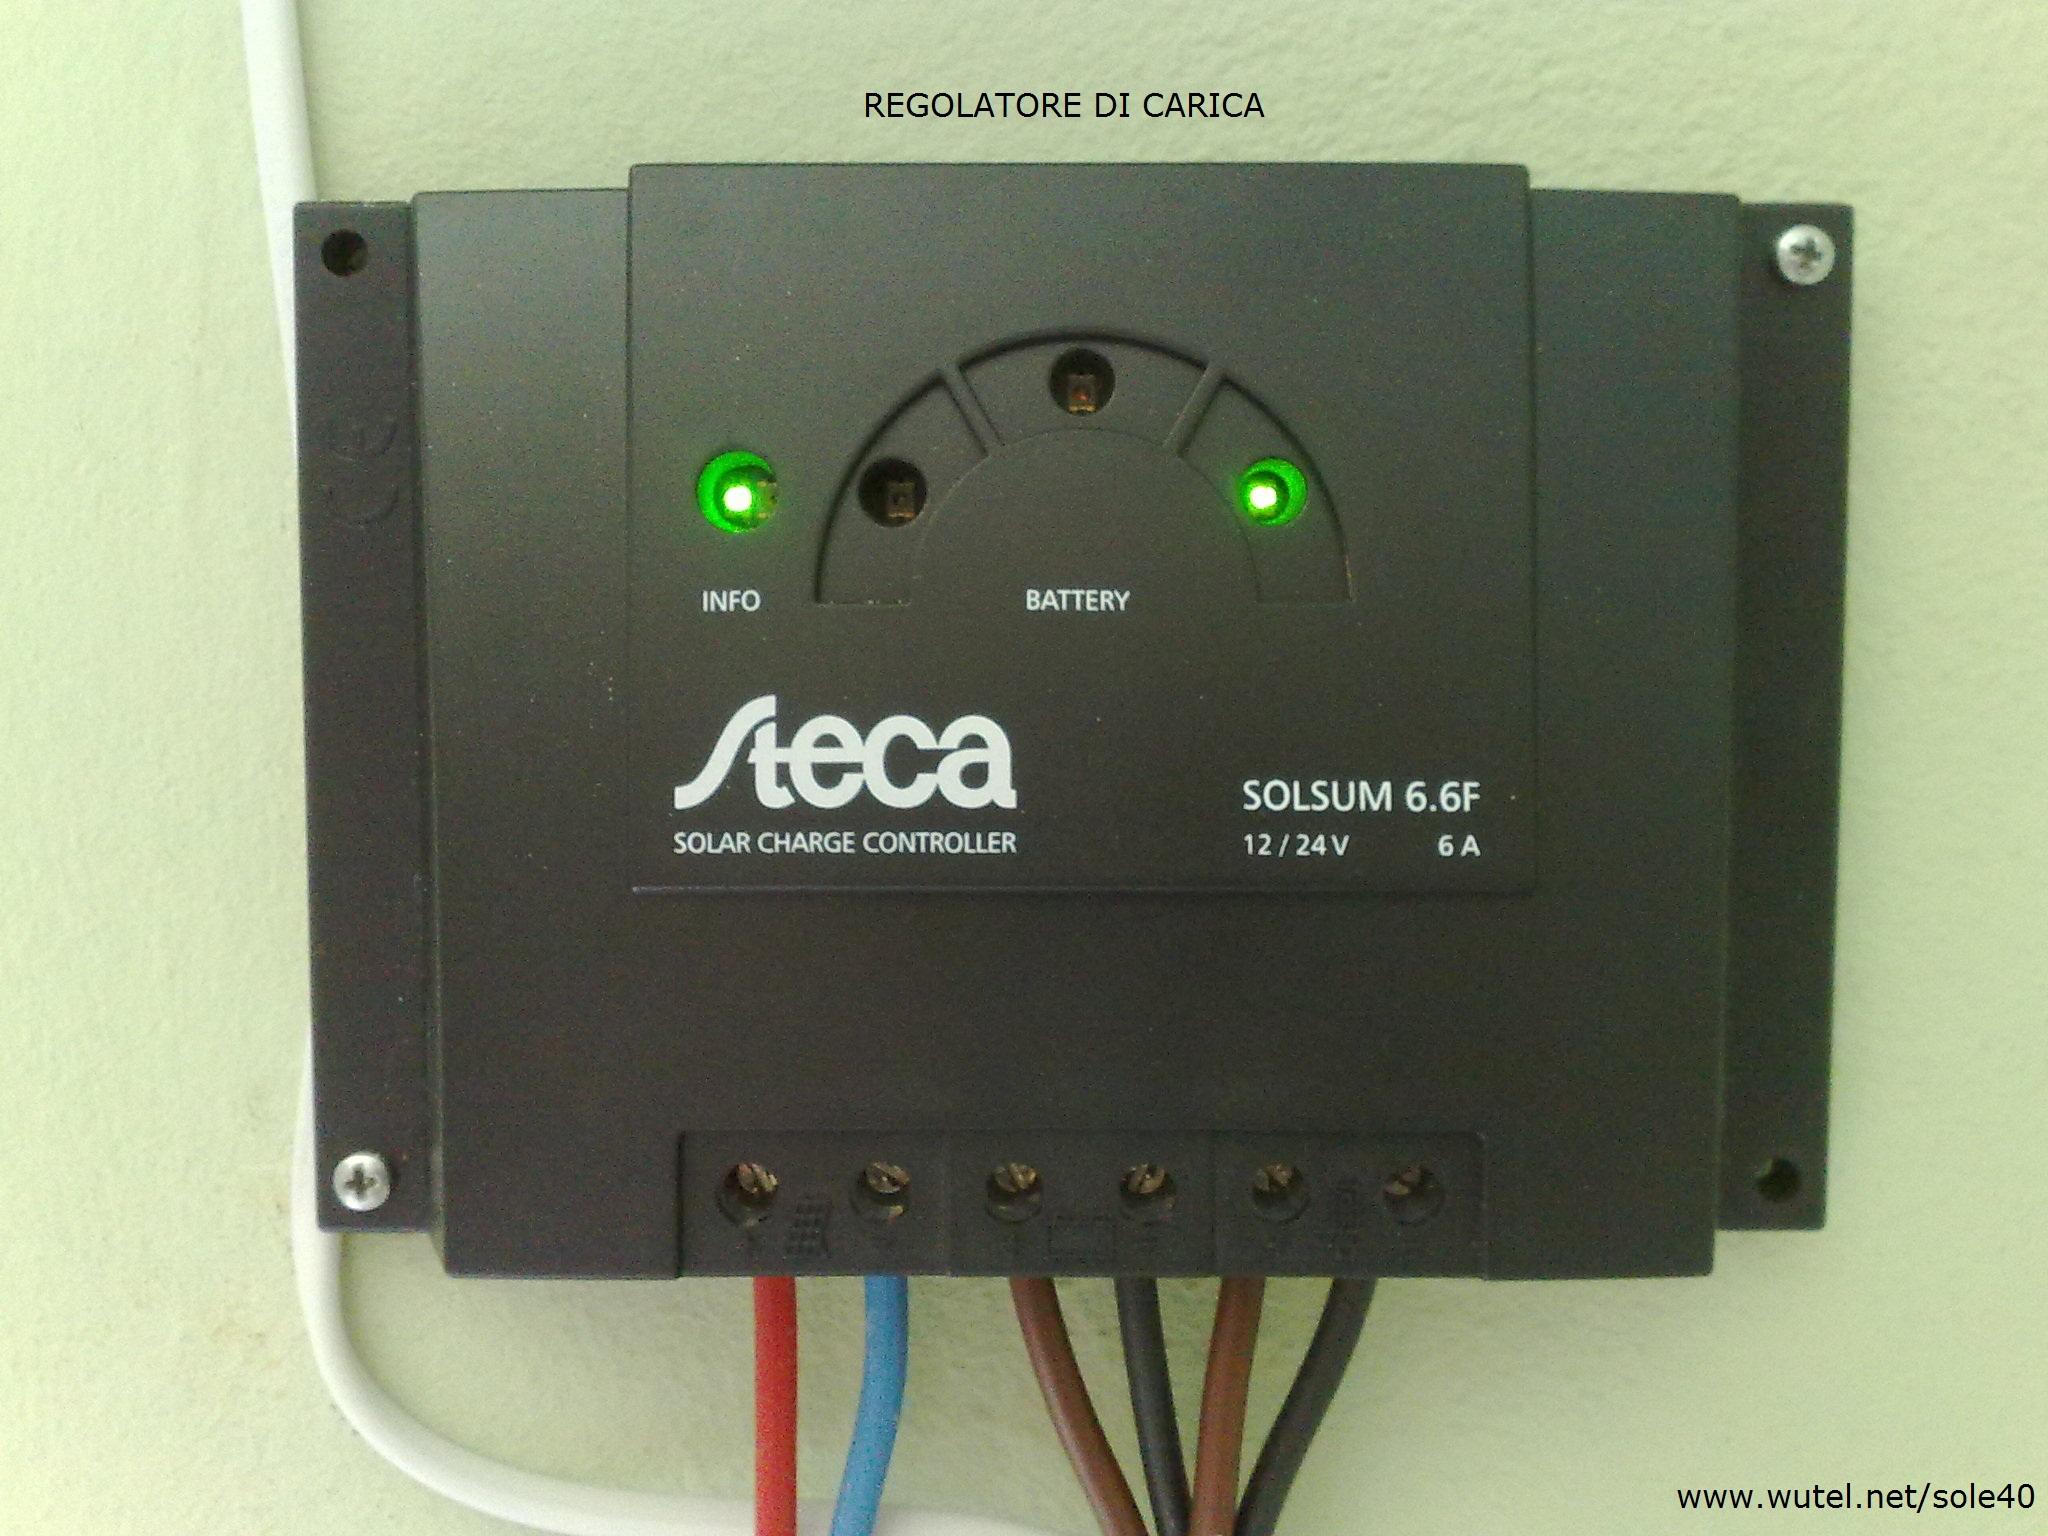 Impianto fotovoltaico per illuminazione giardino illuminazione